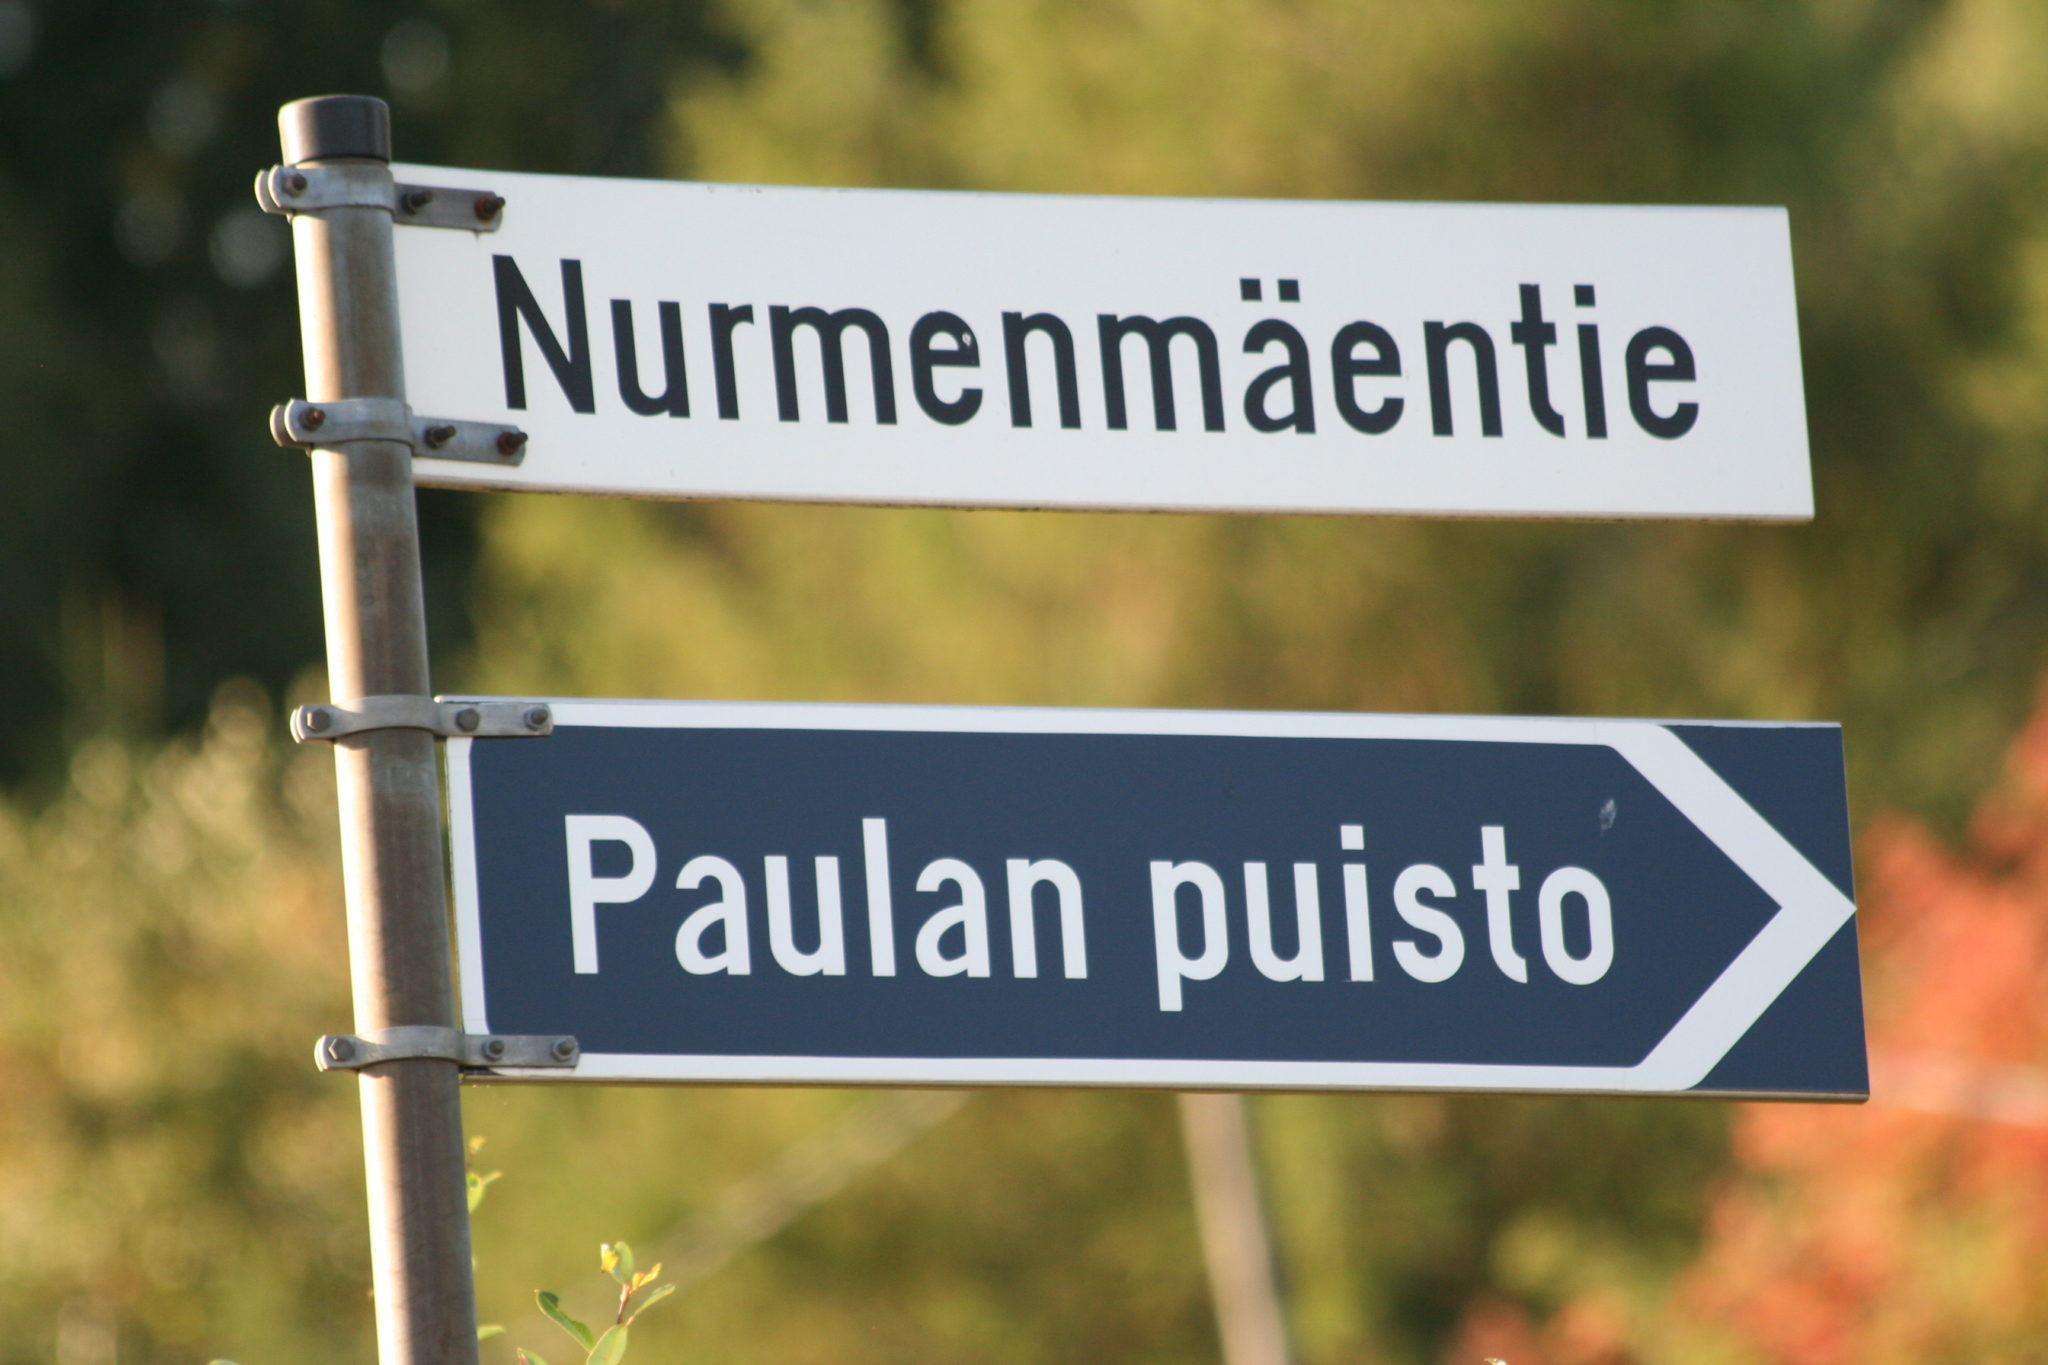 Paulan puiston kyltti Nurmenmäentien alussa